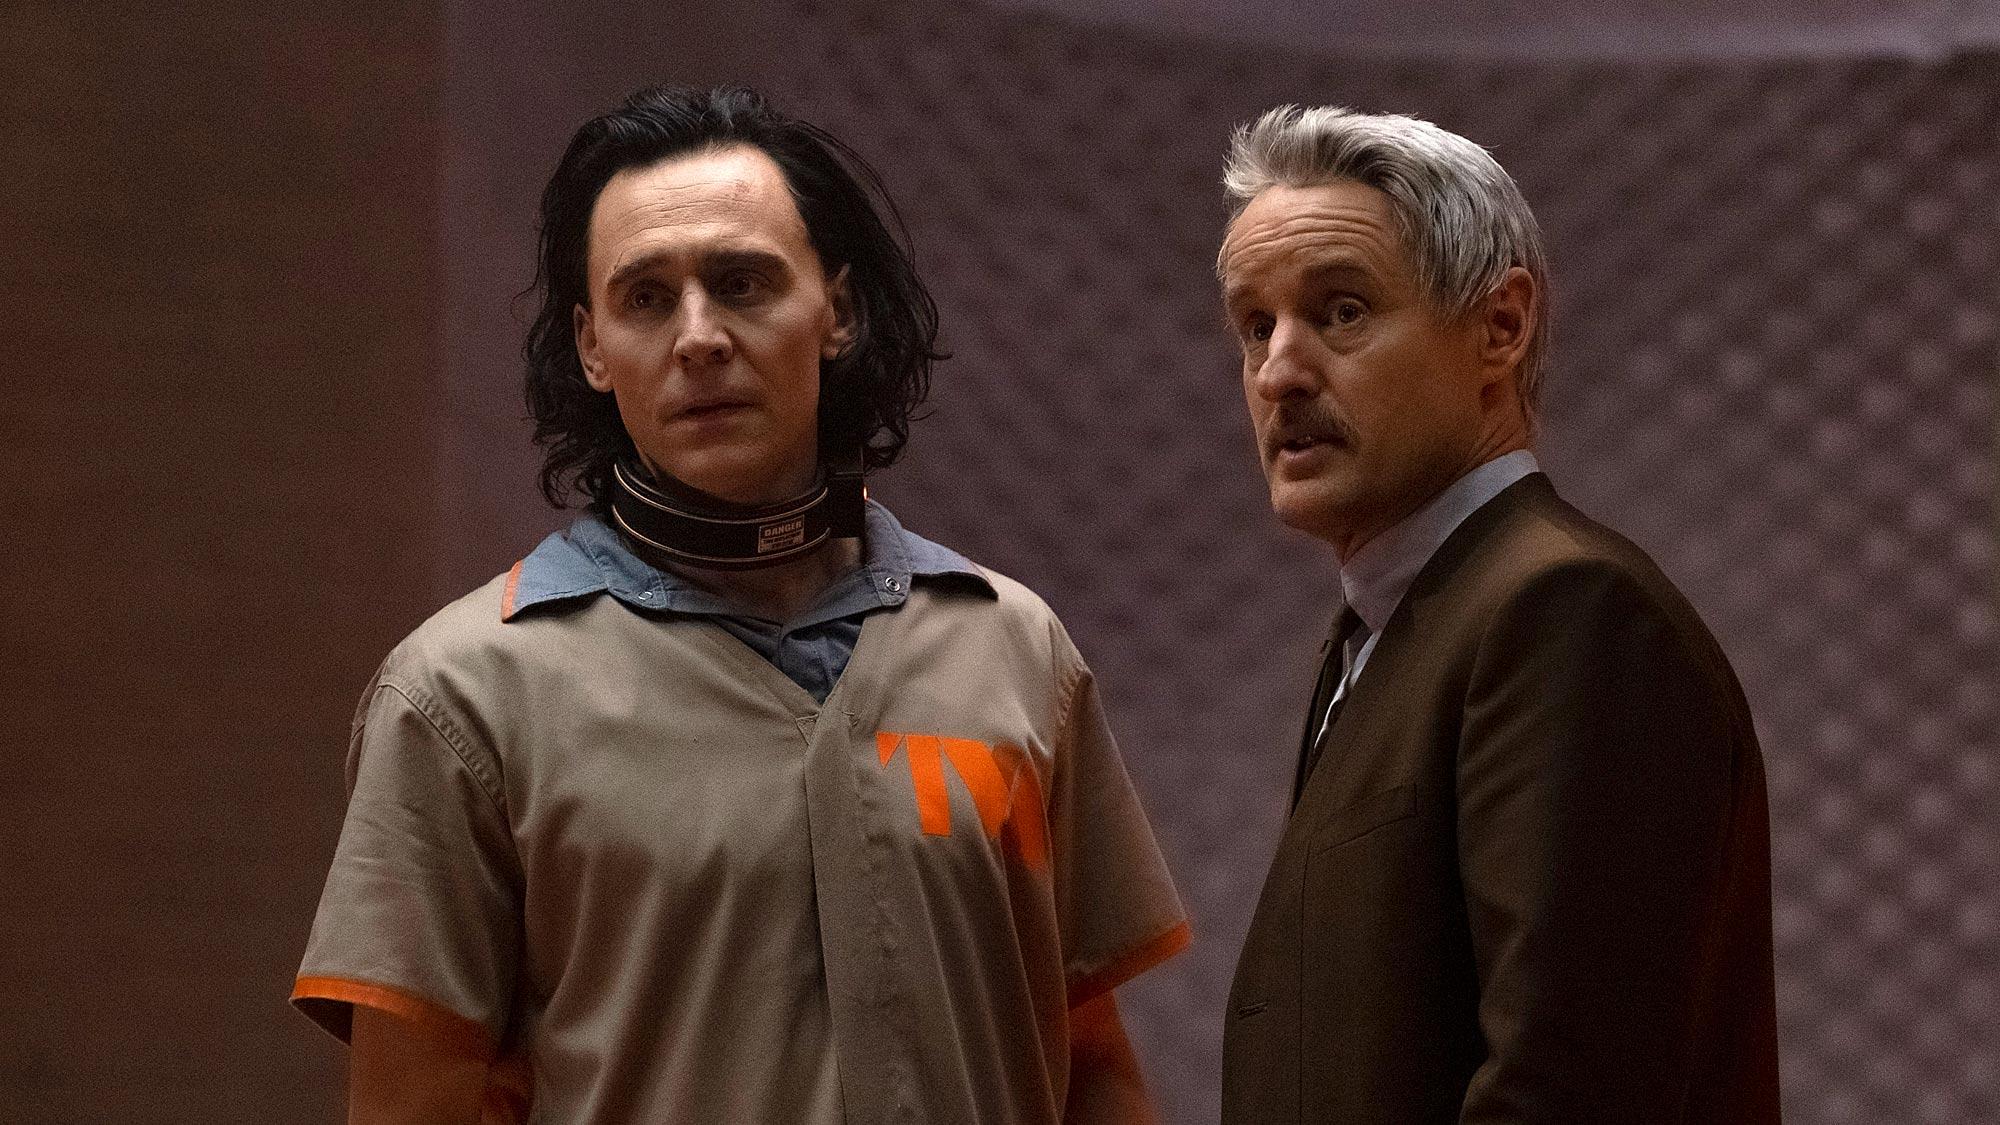 Loki show on Disney Plus with Tom Hiddleston and Owen Wilson